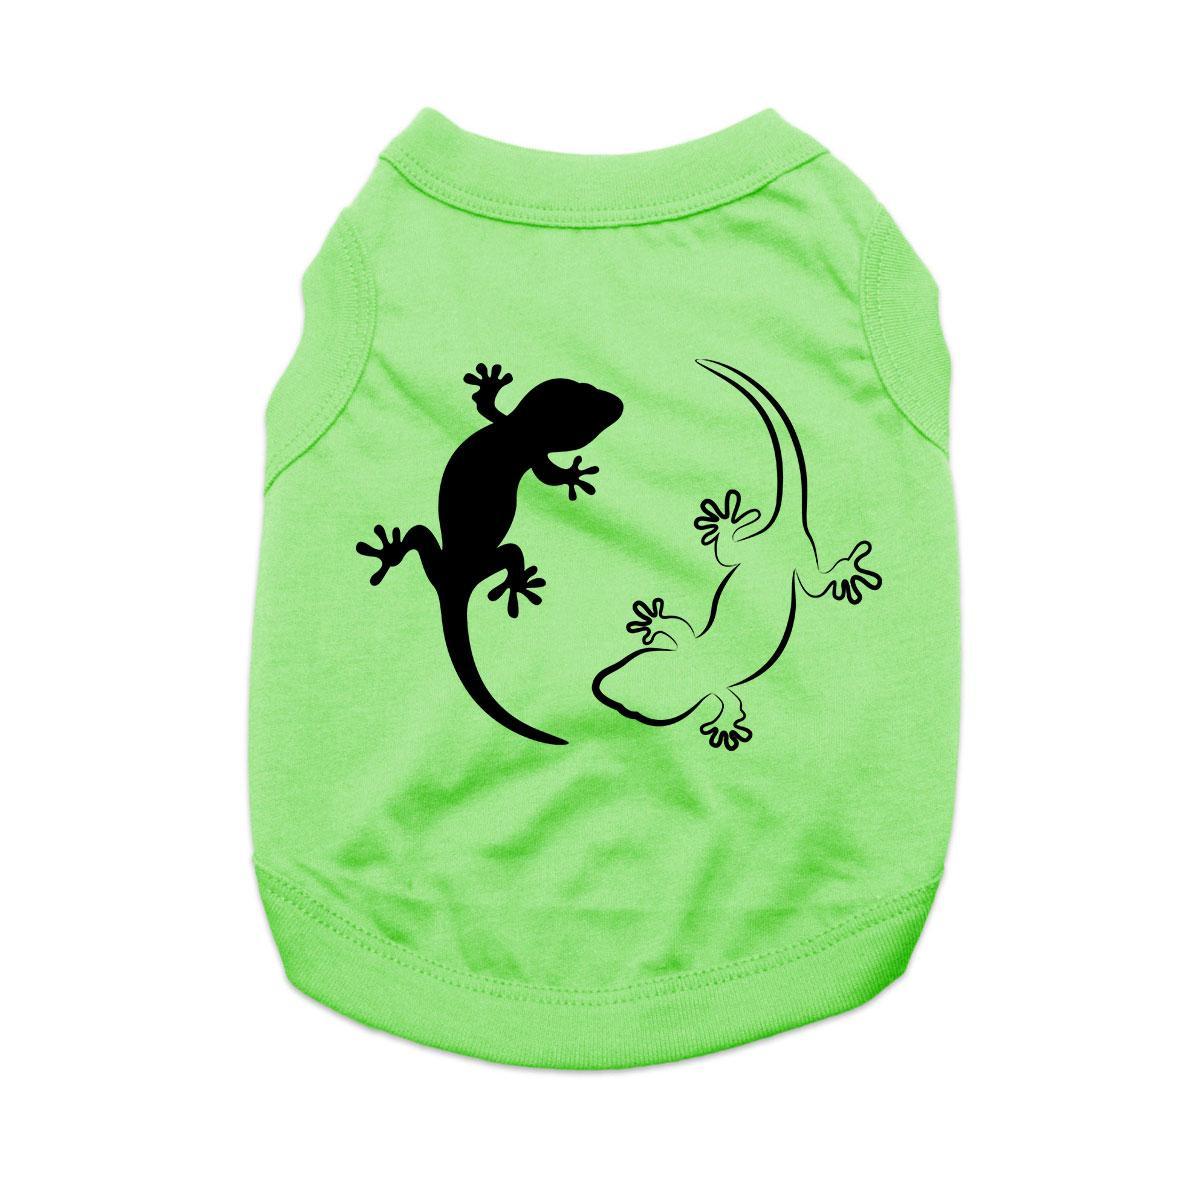 Gecko Dog Shirt - Green